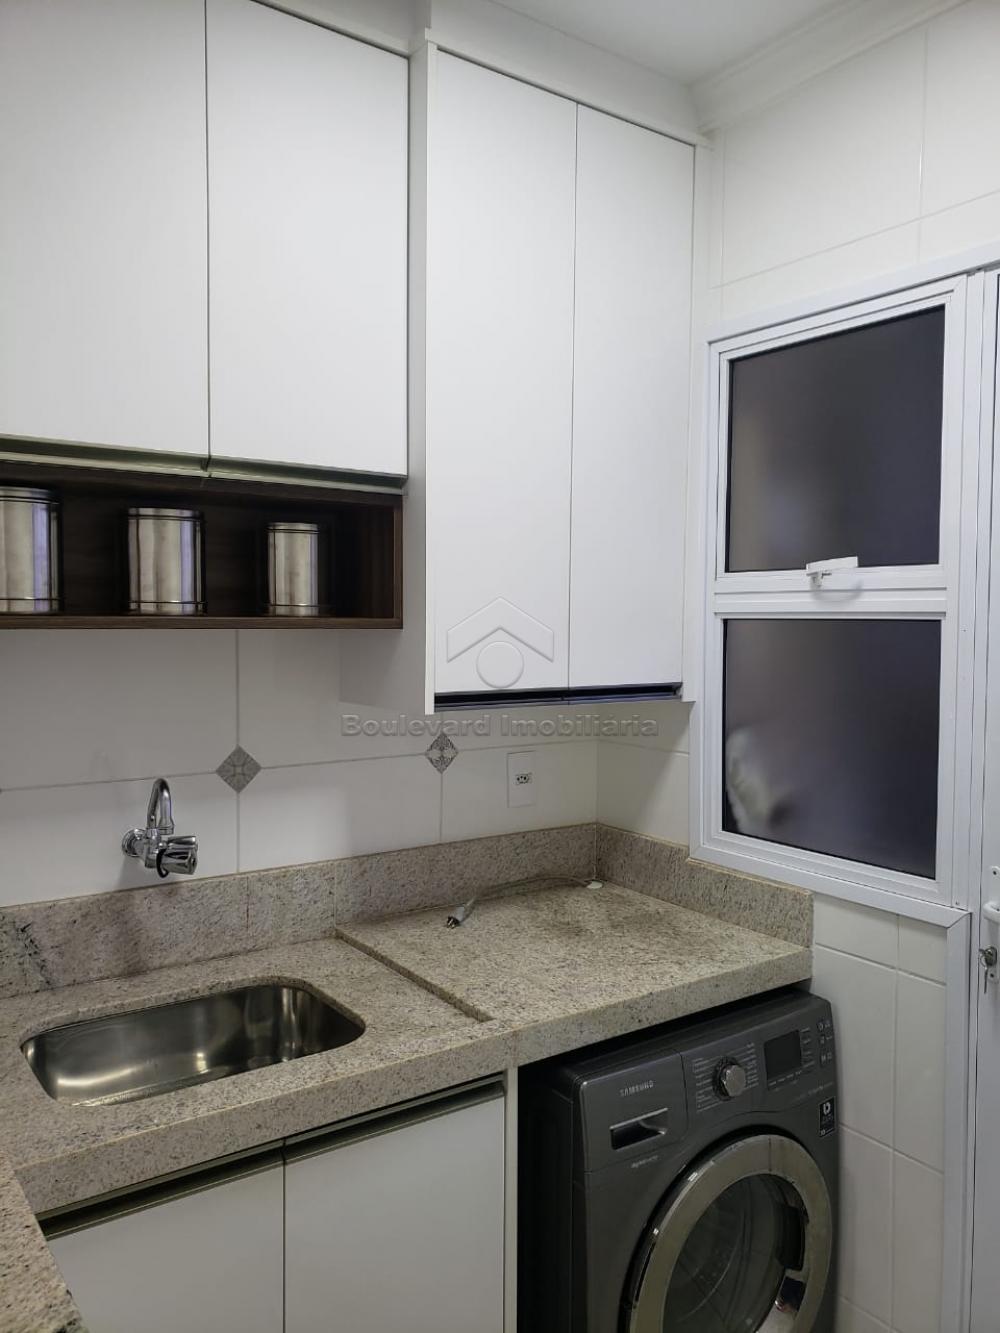 Alugar Apartamento / Padrão em Ribeirão Preto R$ 1.900,00 - Foto 18